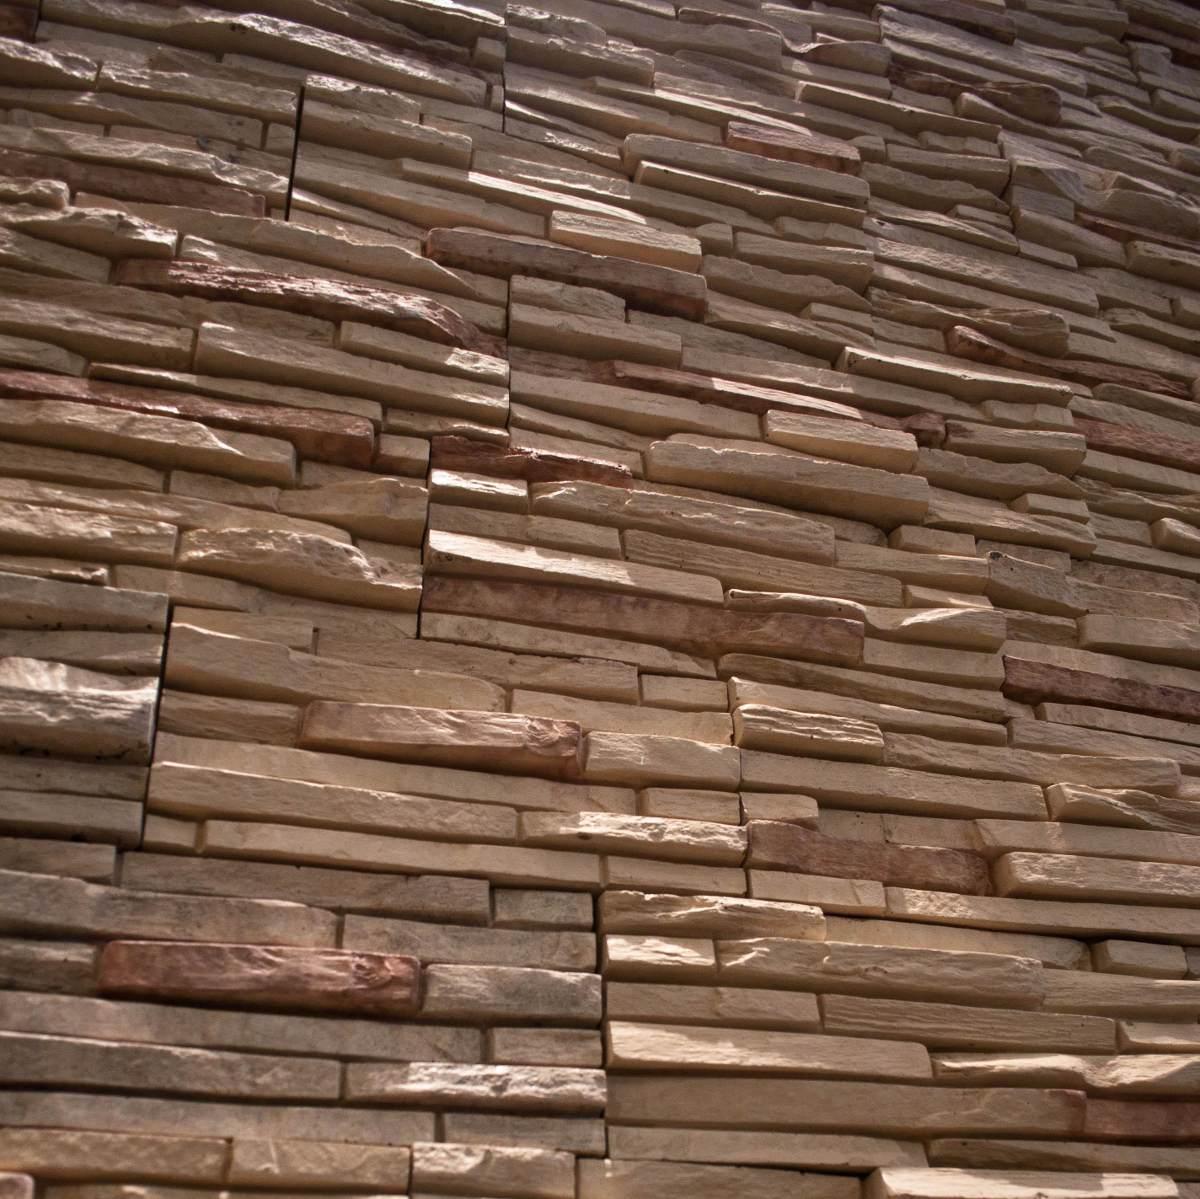 Revestimiento simil piedra andes beige veteado - Revestimiento exterior piedra ...